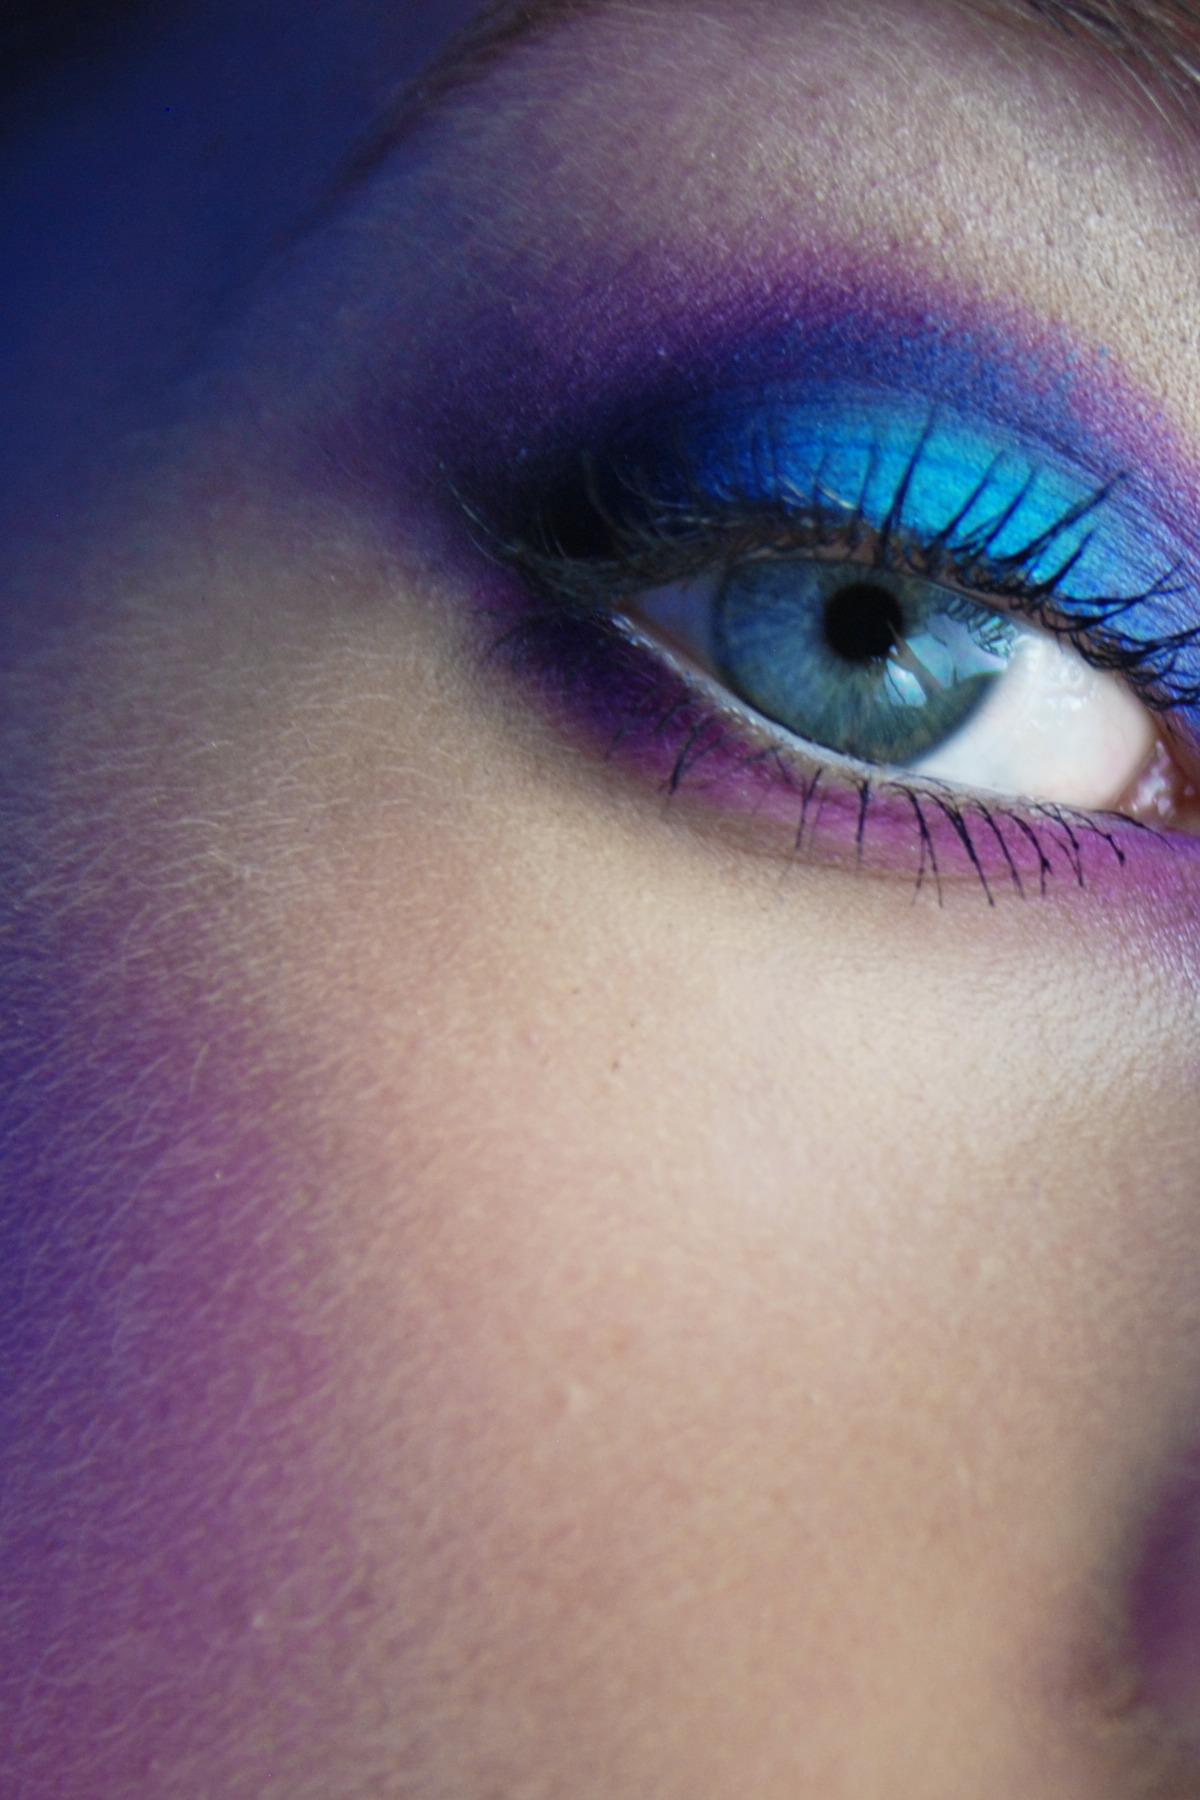 Zdjęcie przedstawia zbliżenie na oko kobiety, pomalowane na niebiesko-fioletowo.